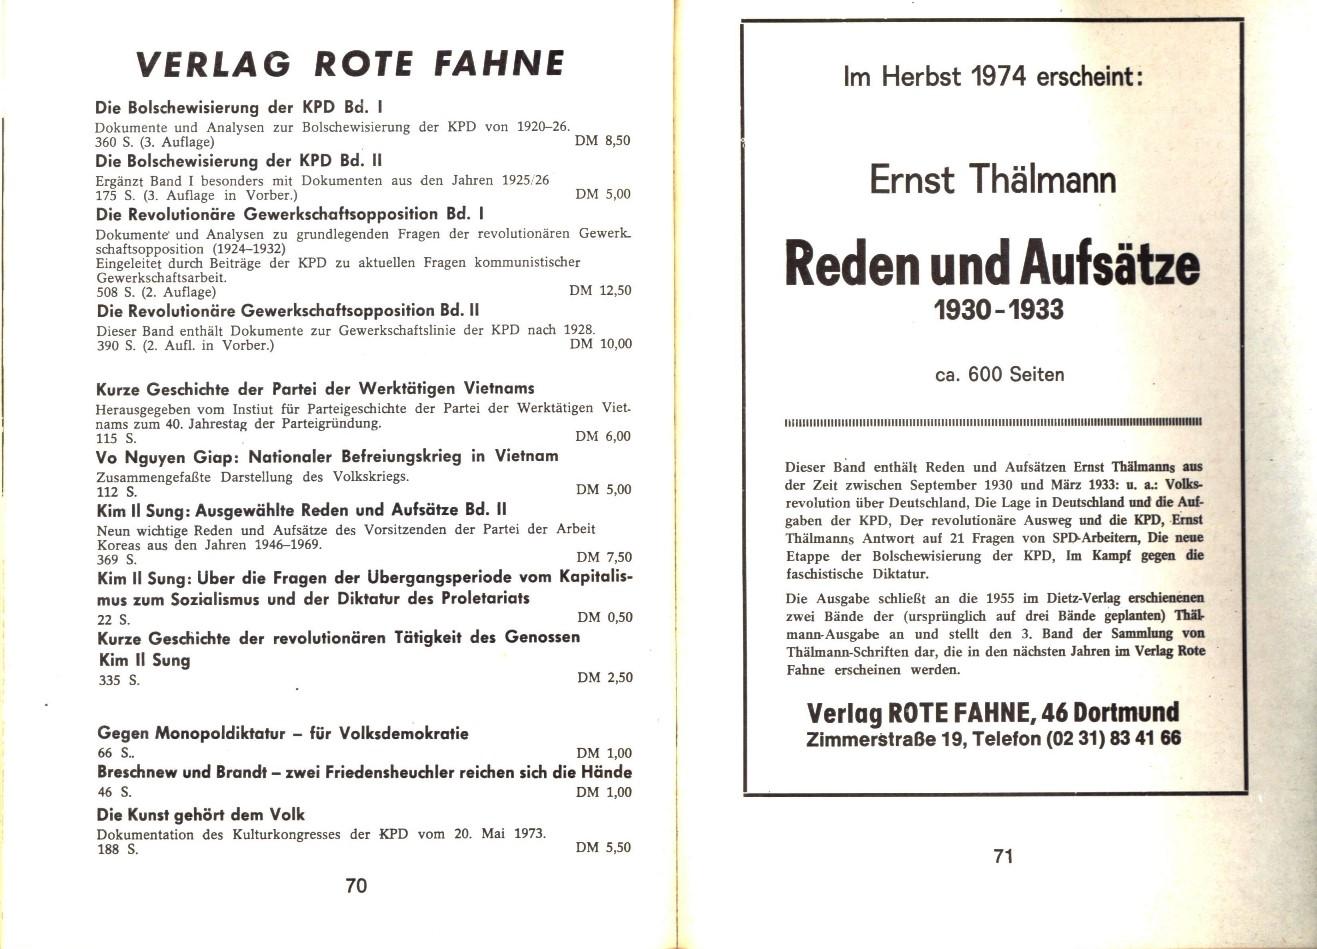 KPDAO_1974_Ernst_Thaelmann_37